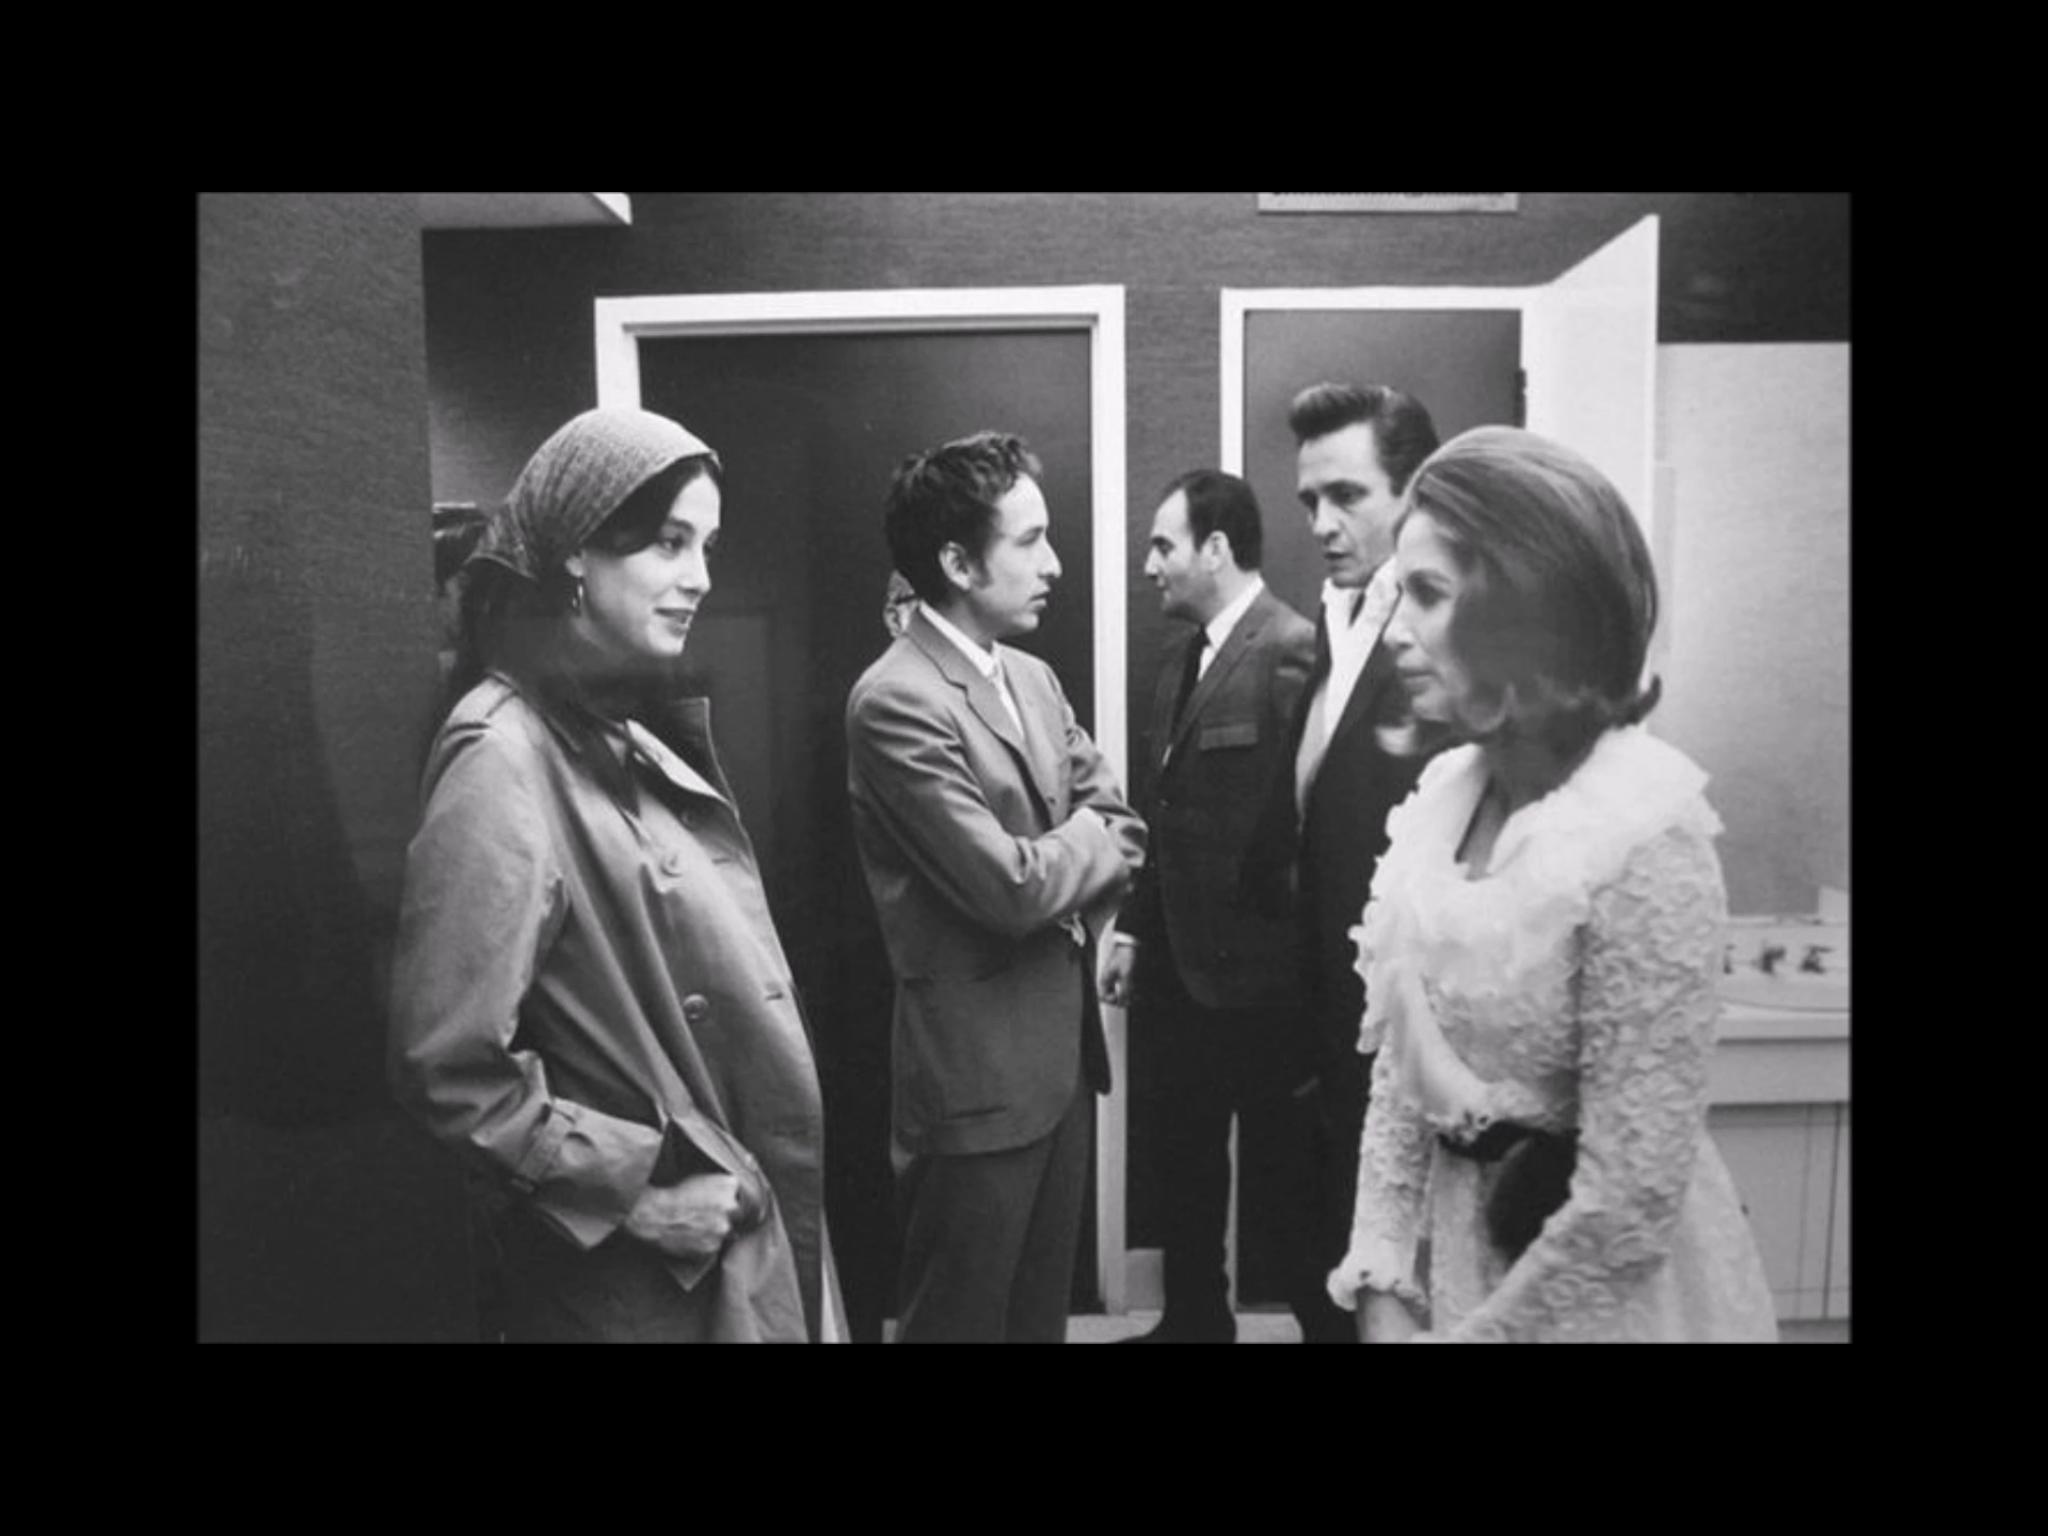 Jean Allison,Olivia Birkelund Porn clips Brianna Hildebrand,Bonnie Holiday